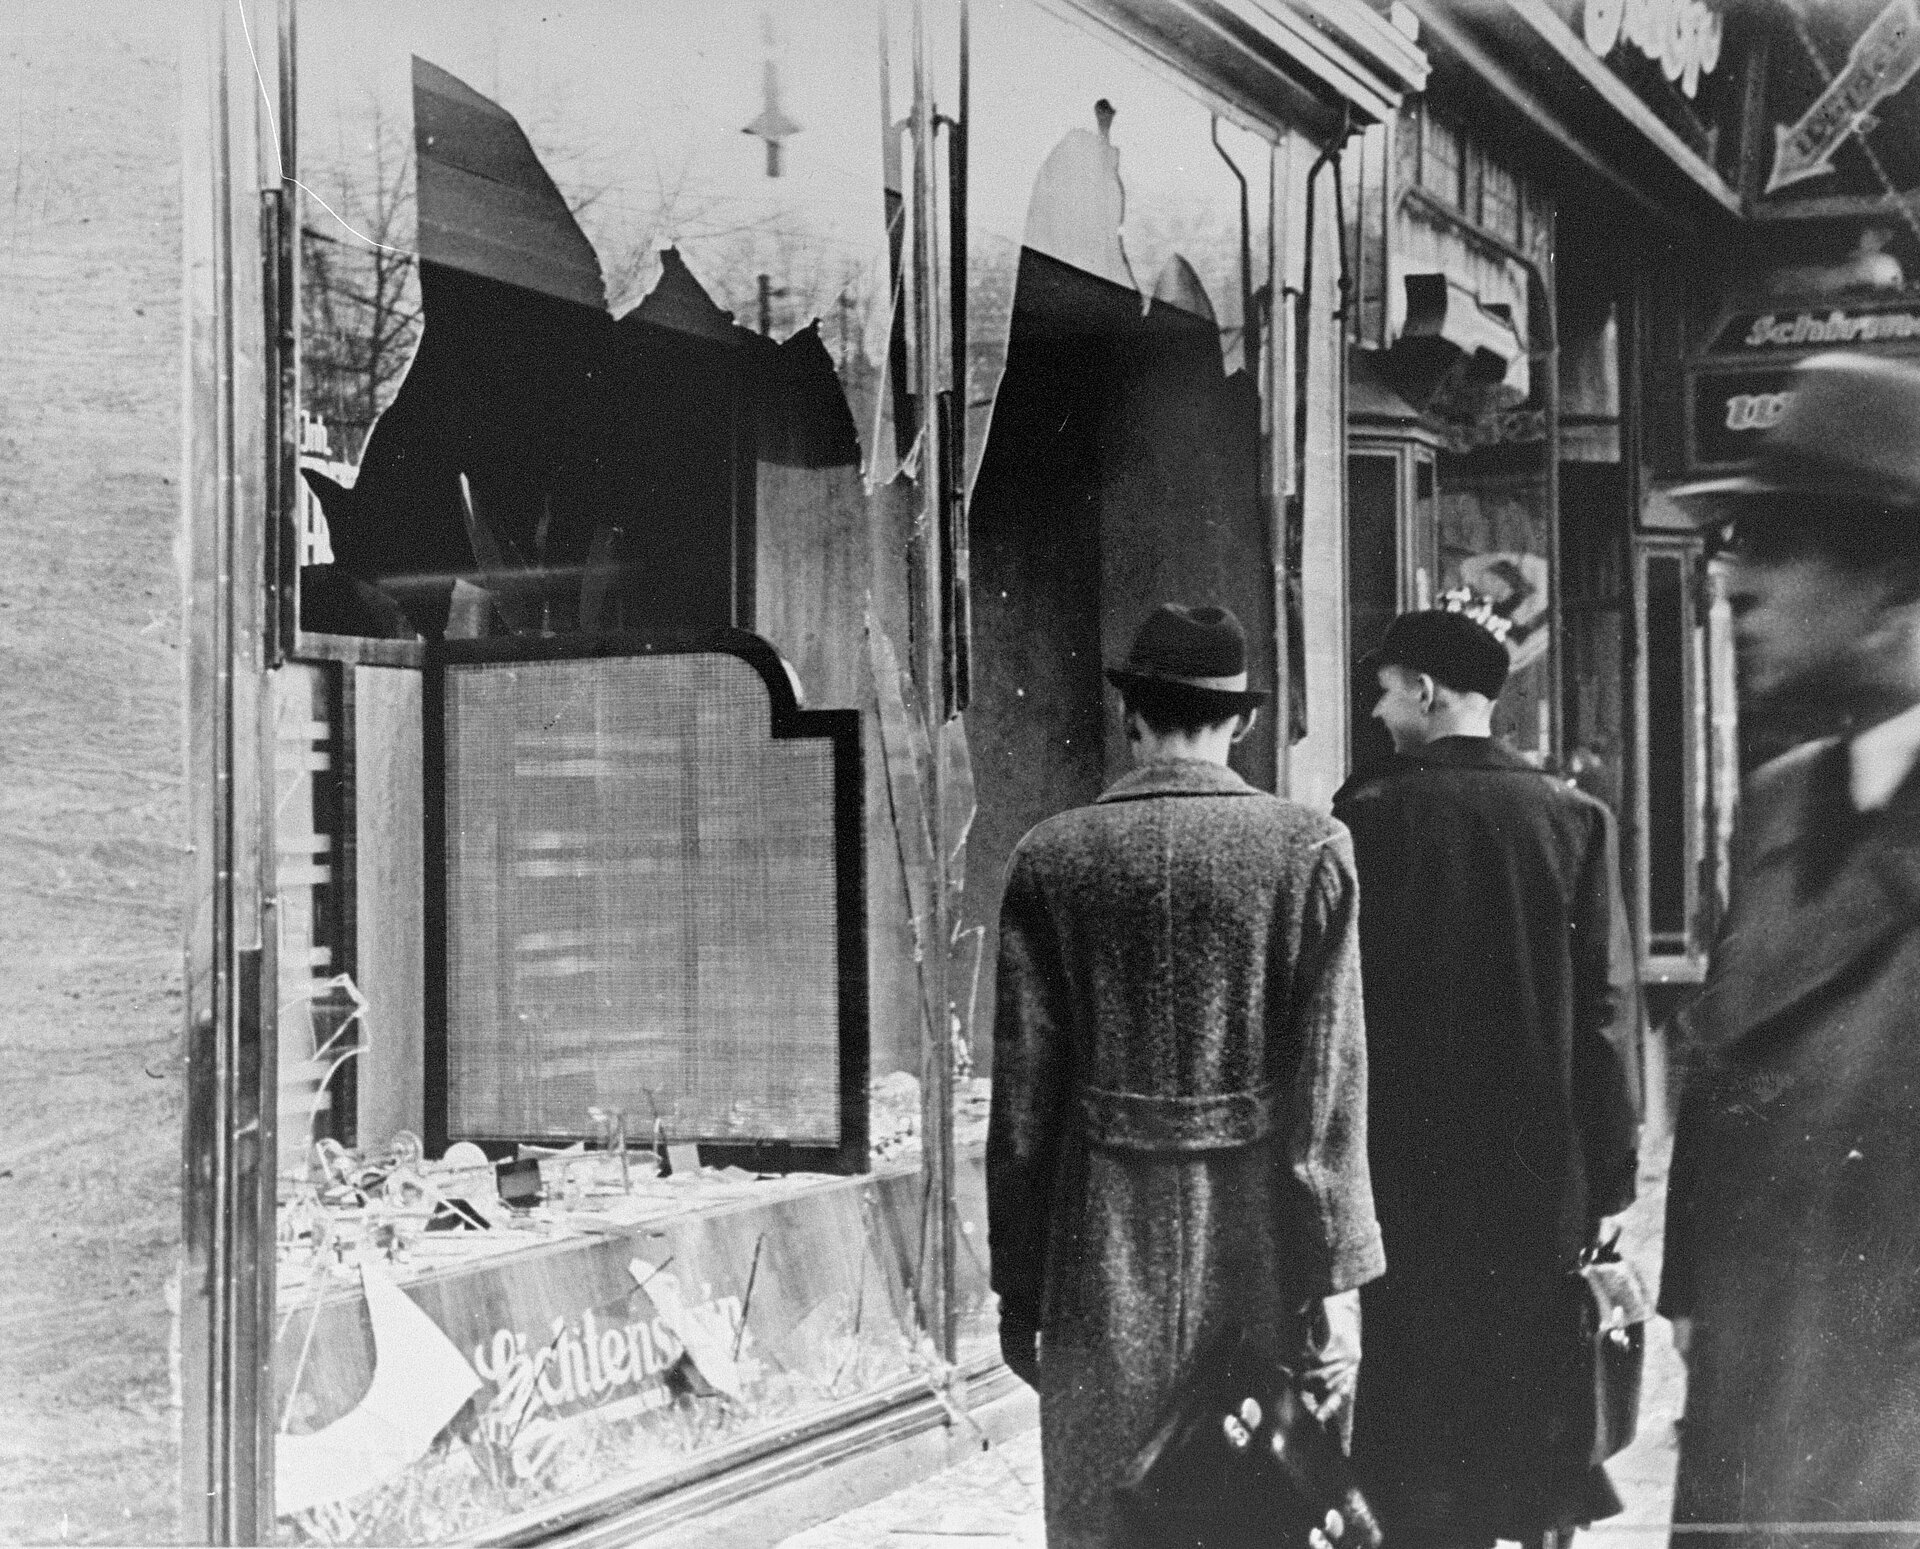 """Wybite okno sklepu żydowskiego, które zostało zniszczone wczasie Nocy Kryształowej. Niszczenie żydowskich sklepów isynagog podczas tzw. """"nocy kryształowej"""" 9/10 listopada 1938 roku. Źródło: Wybite okno sklepu żydowskiego, które zostało zniszczone wczasie Nocy Kryształowej., 1938, fotogafia, domena publiczna."""